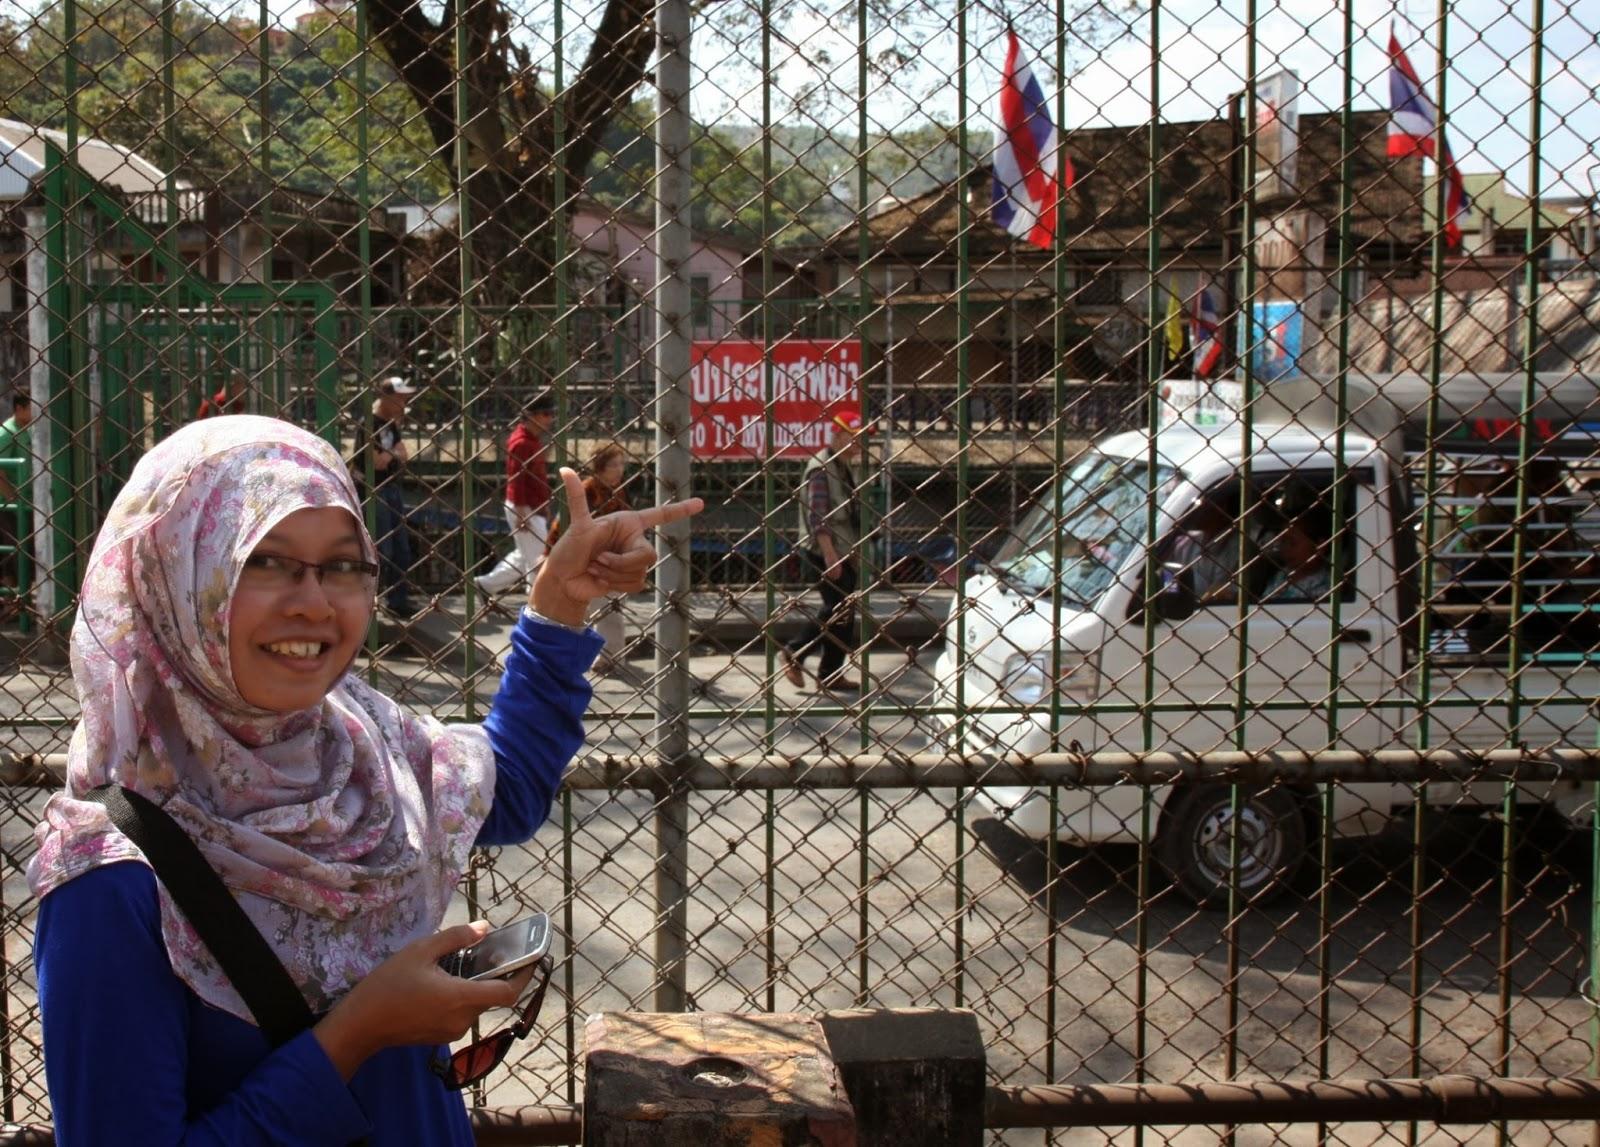 perbatasan+thai-myanmar.jpg